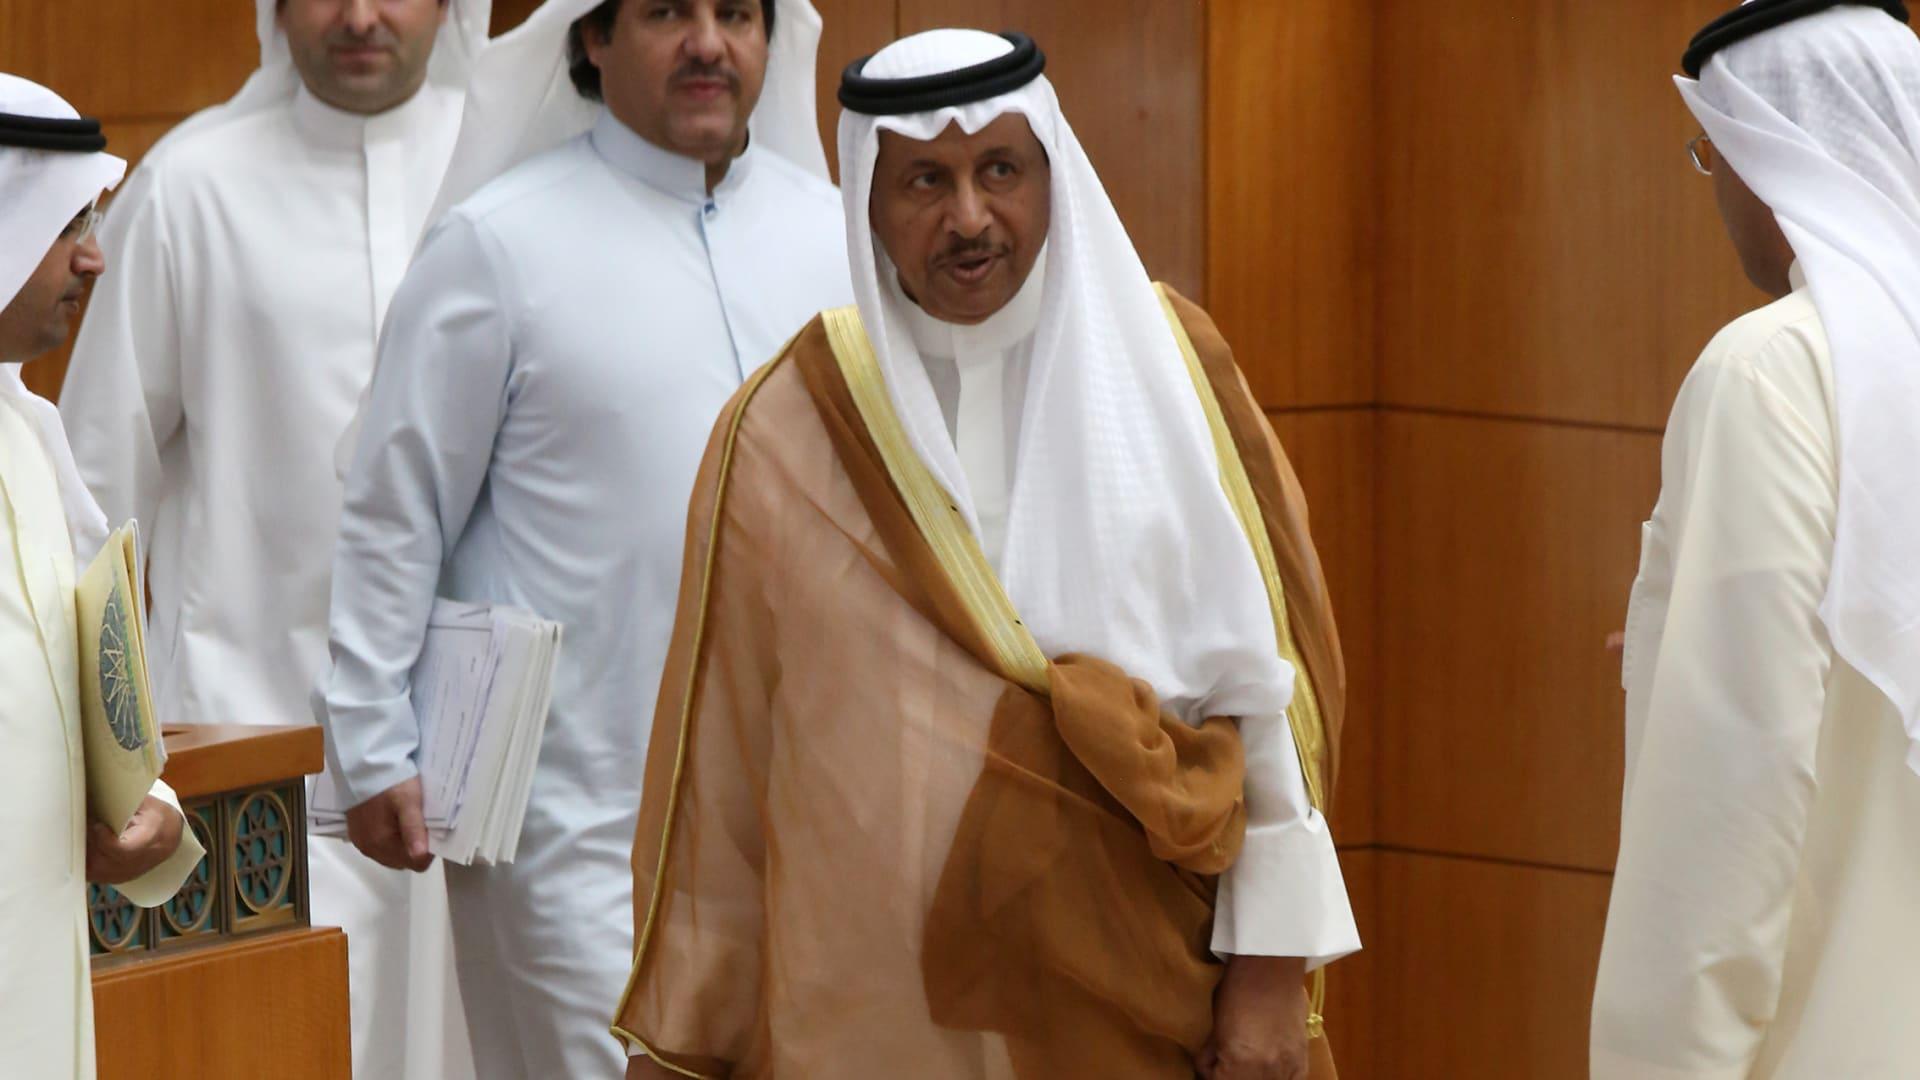 بعد مفاجآت انتخابية في البرلمان.. الحكومة الكويتية تستقيل